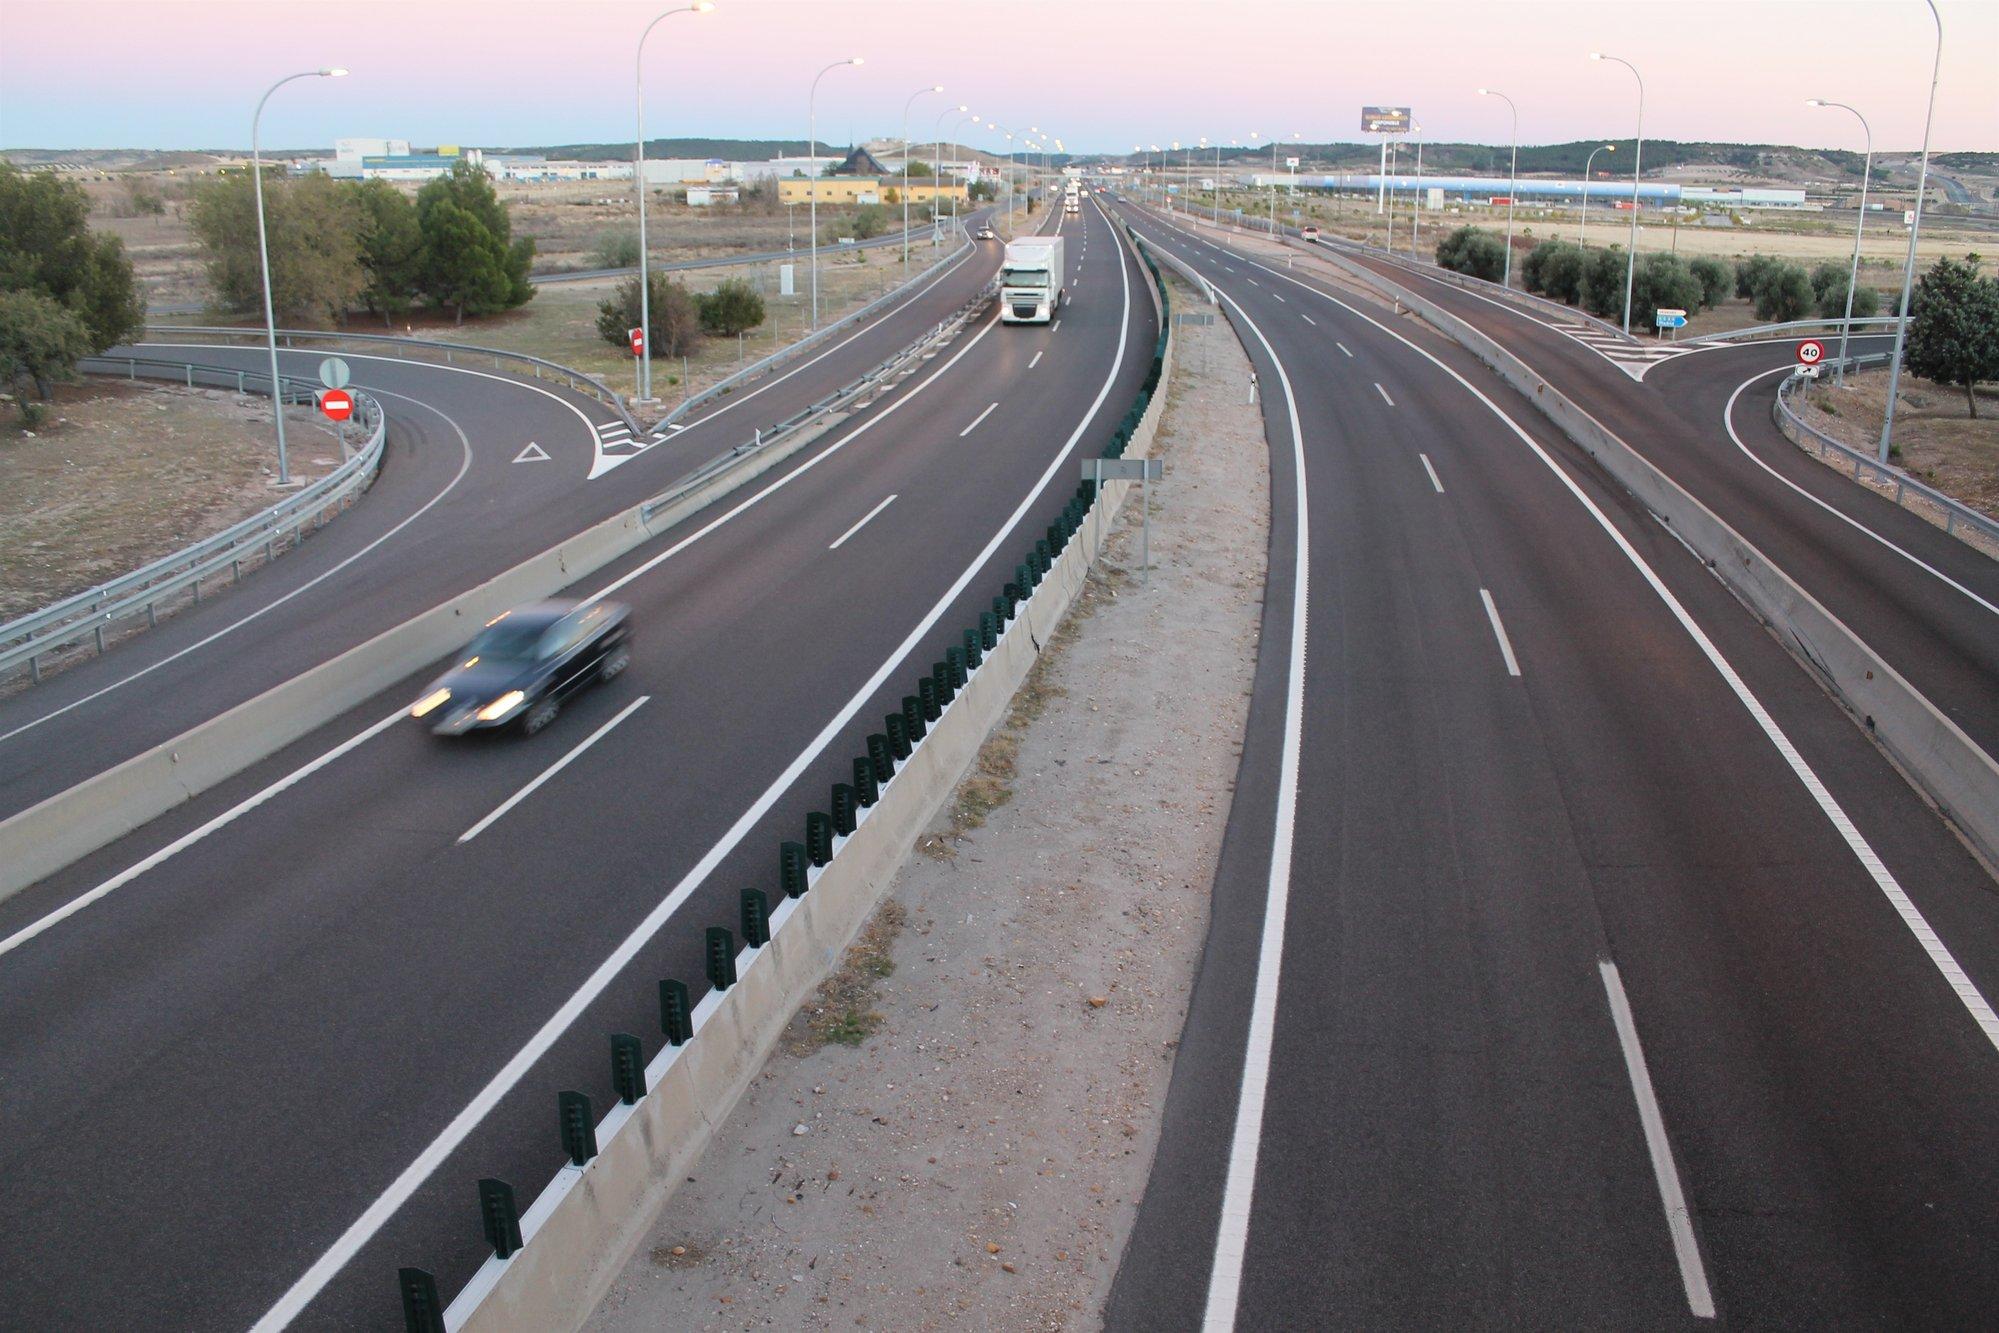 Fomento cree que no hay relación entre la falta de iluminación en las carreteras y la siniestralidad de accidentes